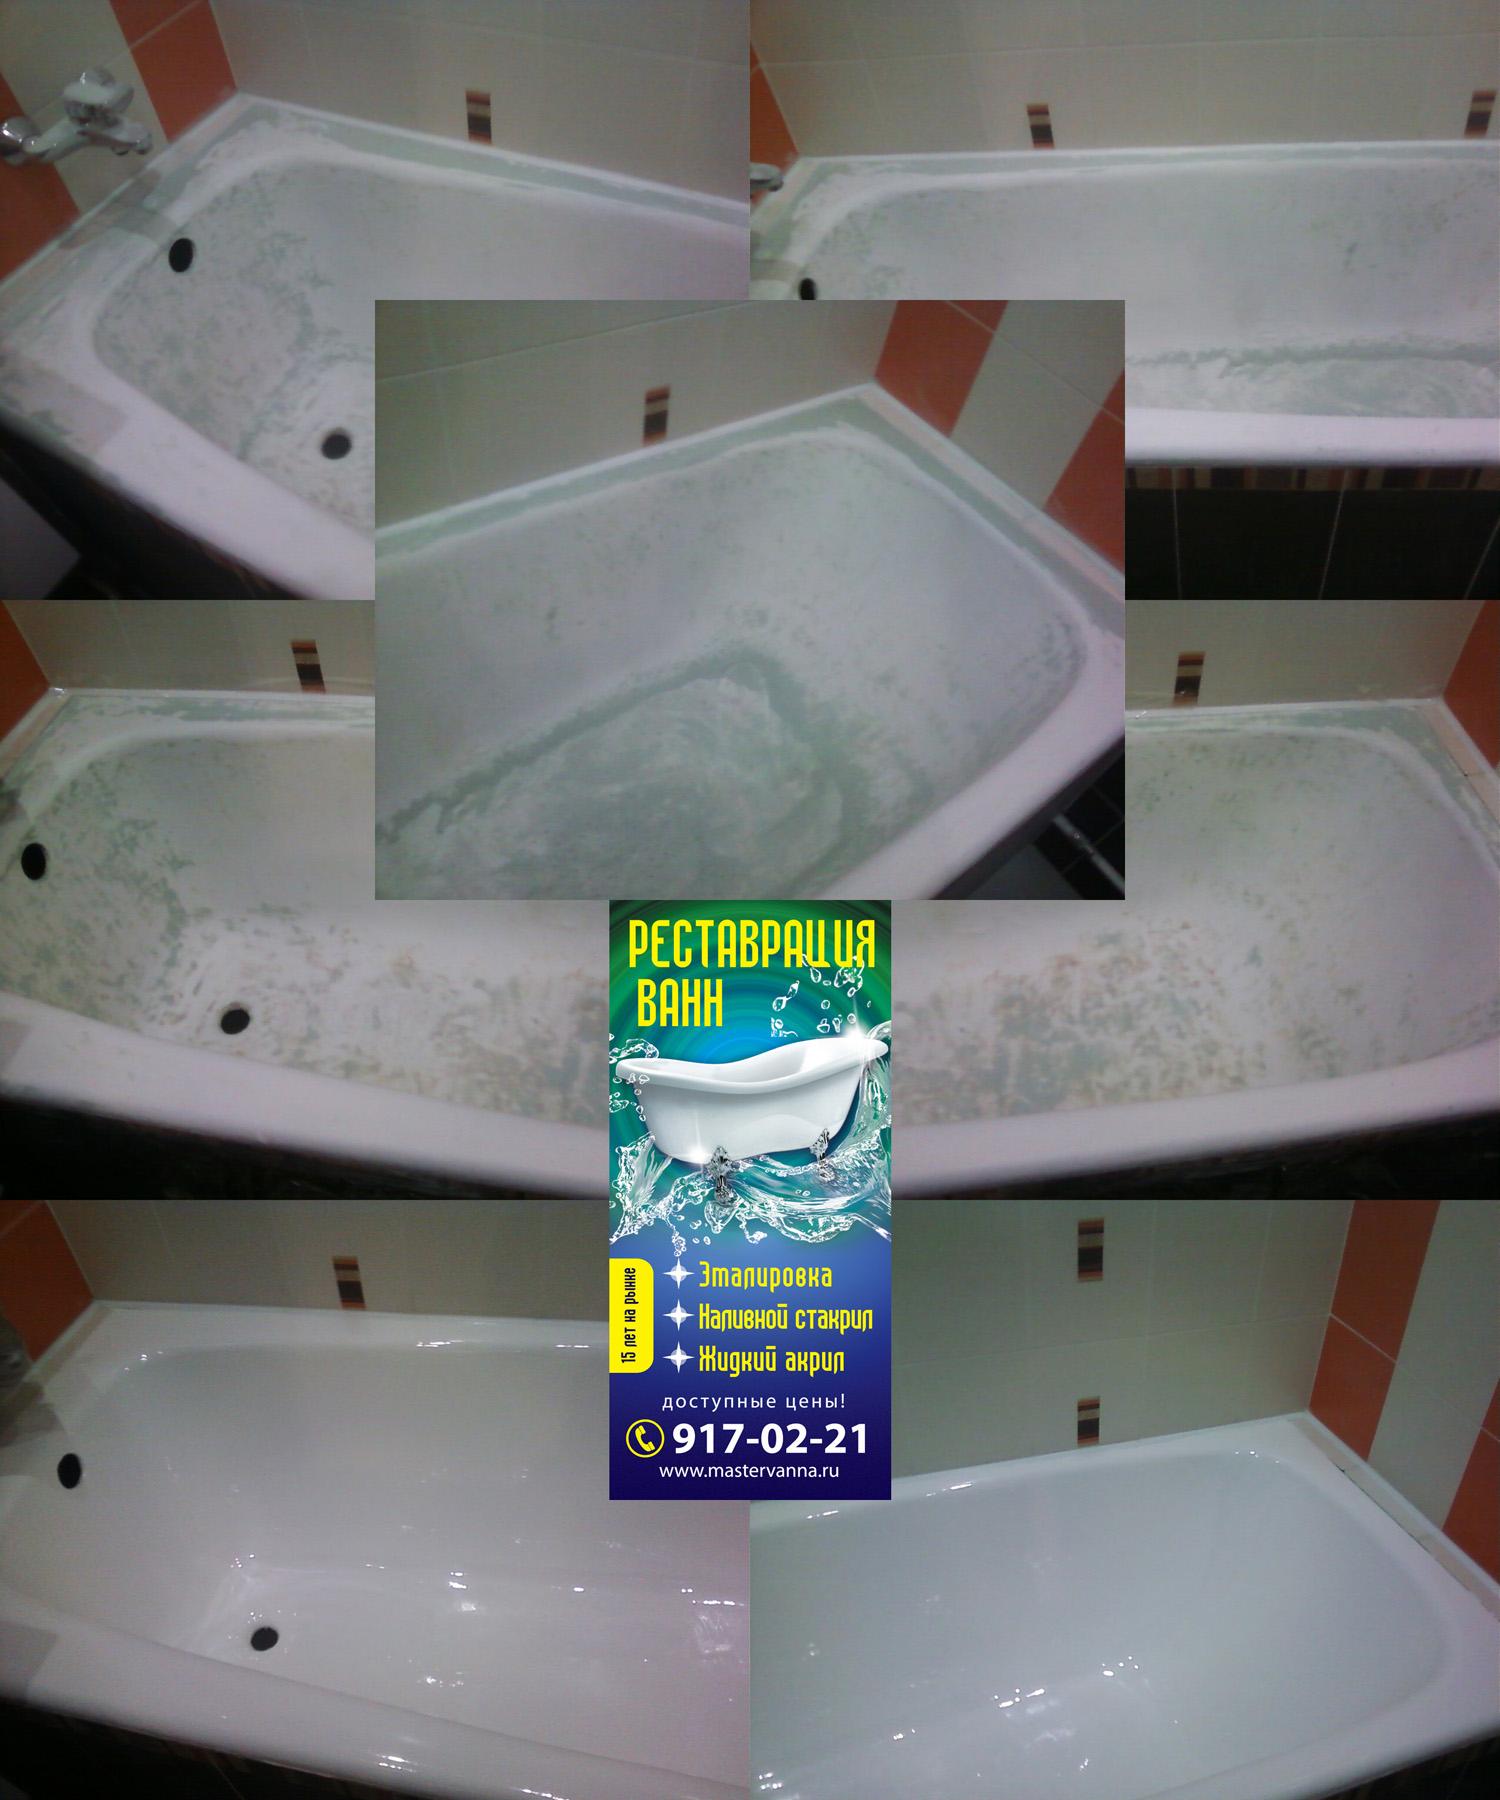 Реставрация ванн стакрилом глазами мастера по реставрации